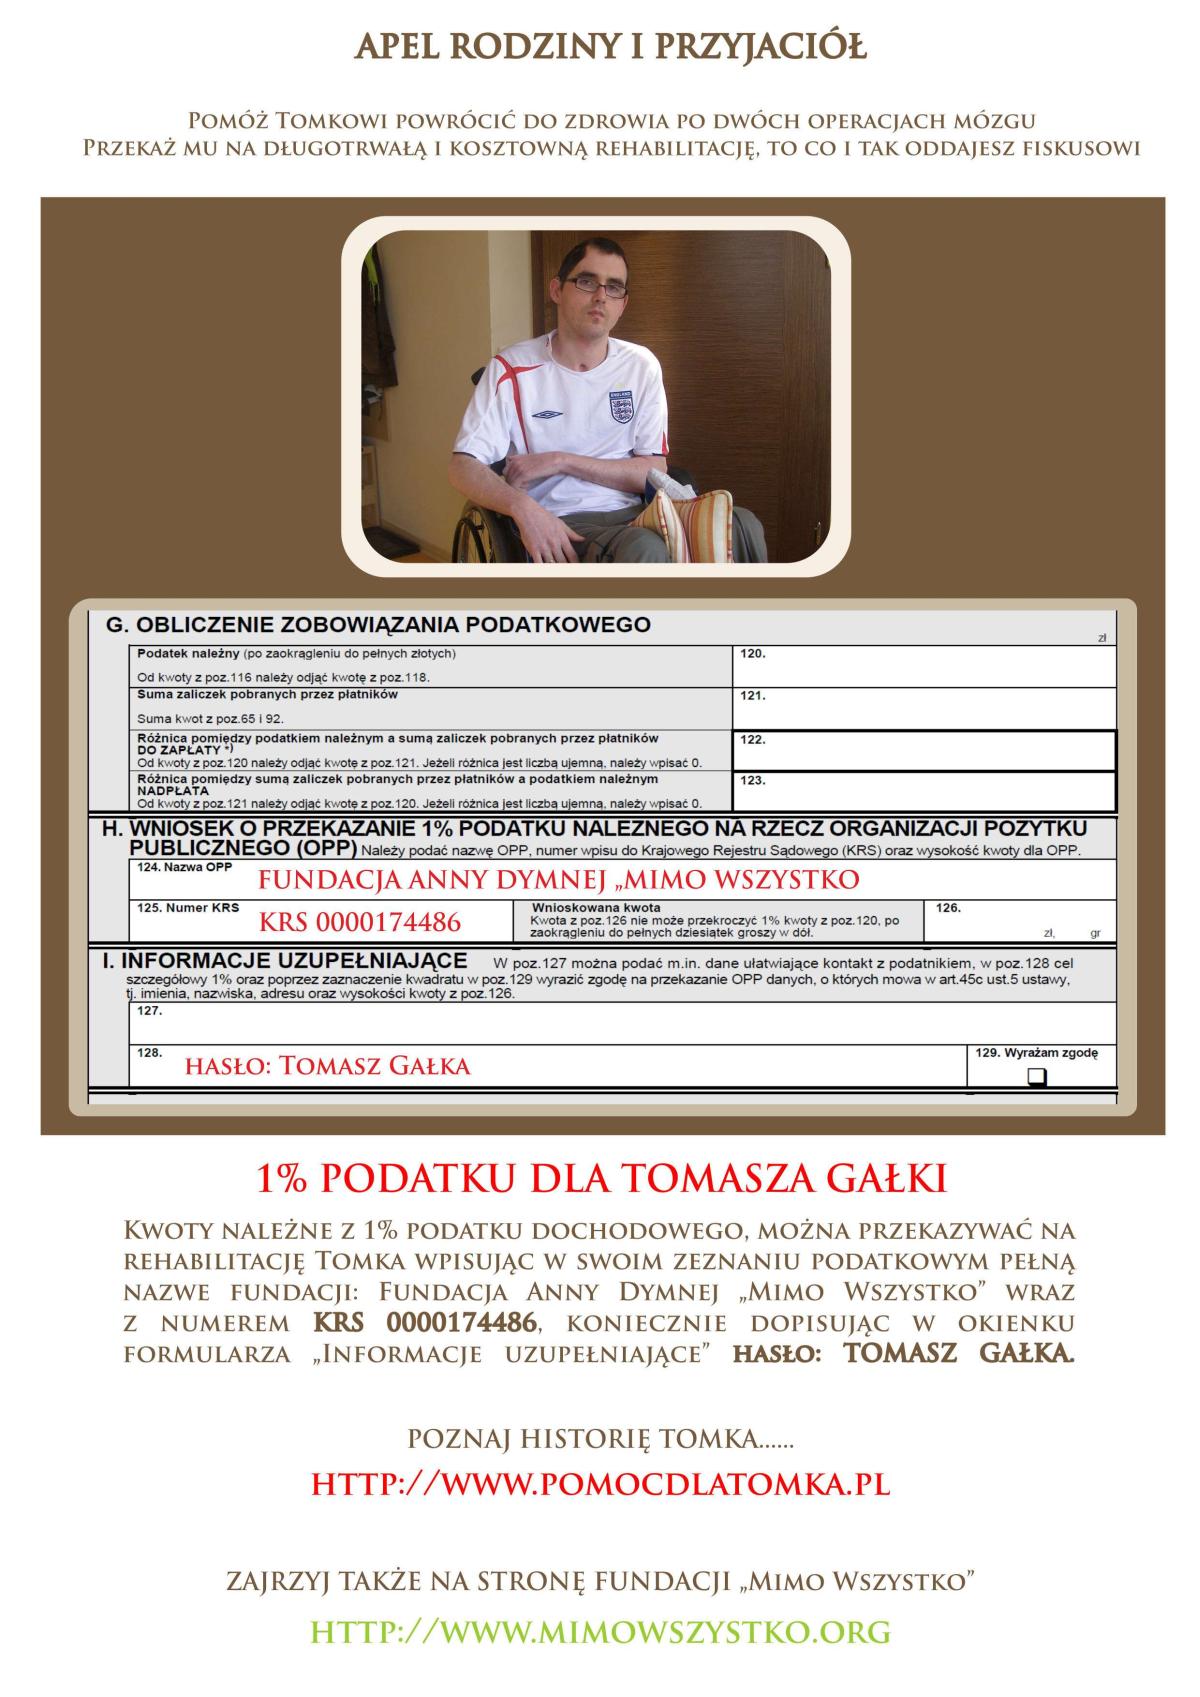 Apel przyjaciół Tomka - przekaż swój 1% podatku!